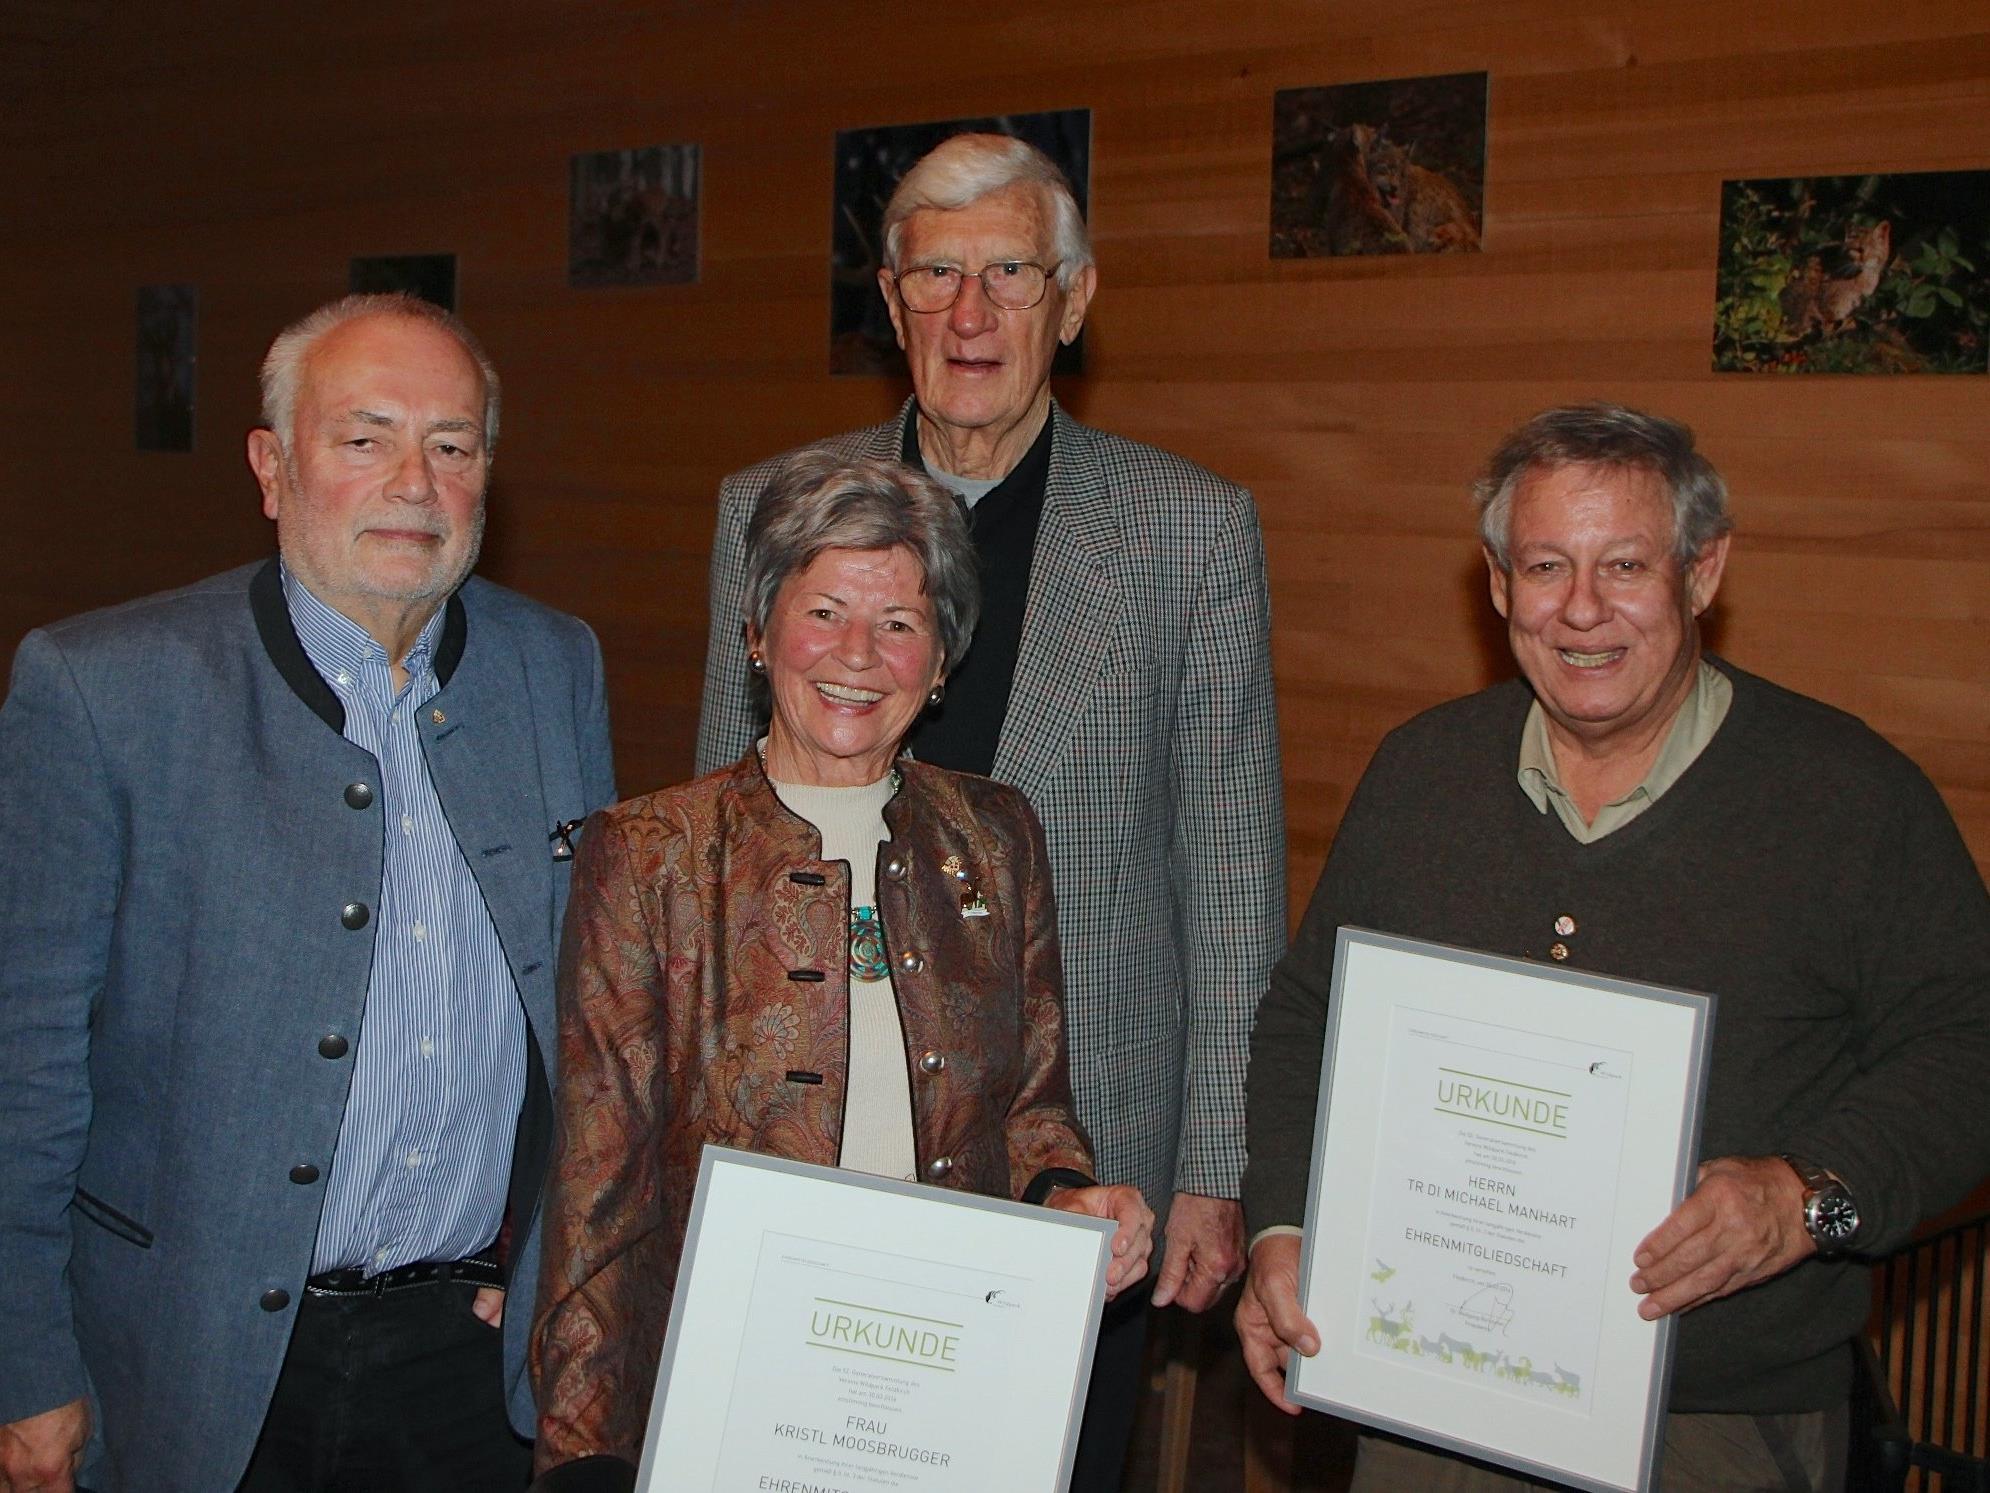 Präsident Dr. Wolfgang Burtscher mit den Ehrenmitgliedern Kristl Moosbrugger, DI Michael Manhart und Alt-Bürgermeister Dr. Heinz Bilz.